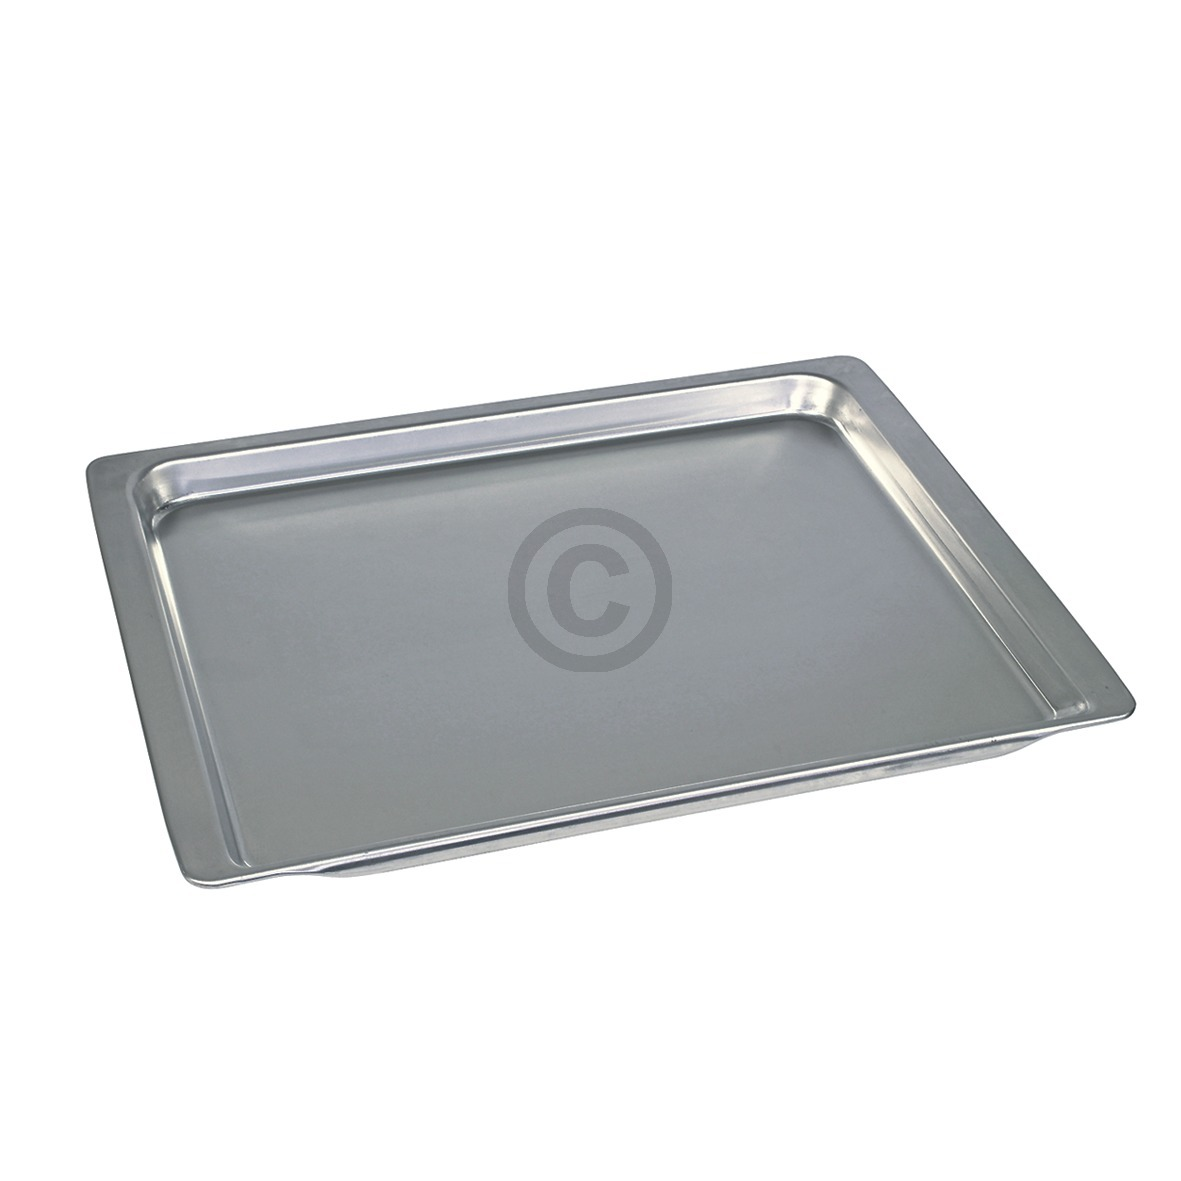 Backblech f/ür Backofen 466 x 385 x 25 mm emailliert AEG 14002049002//9 CTGR-AP